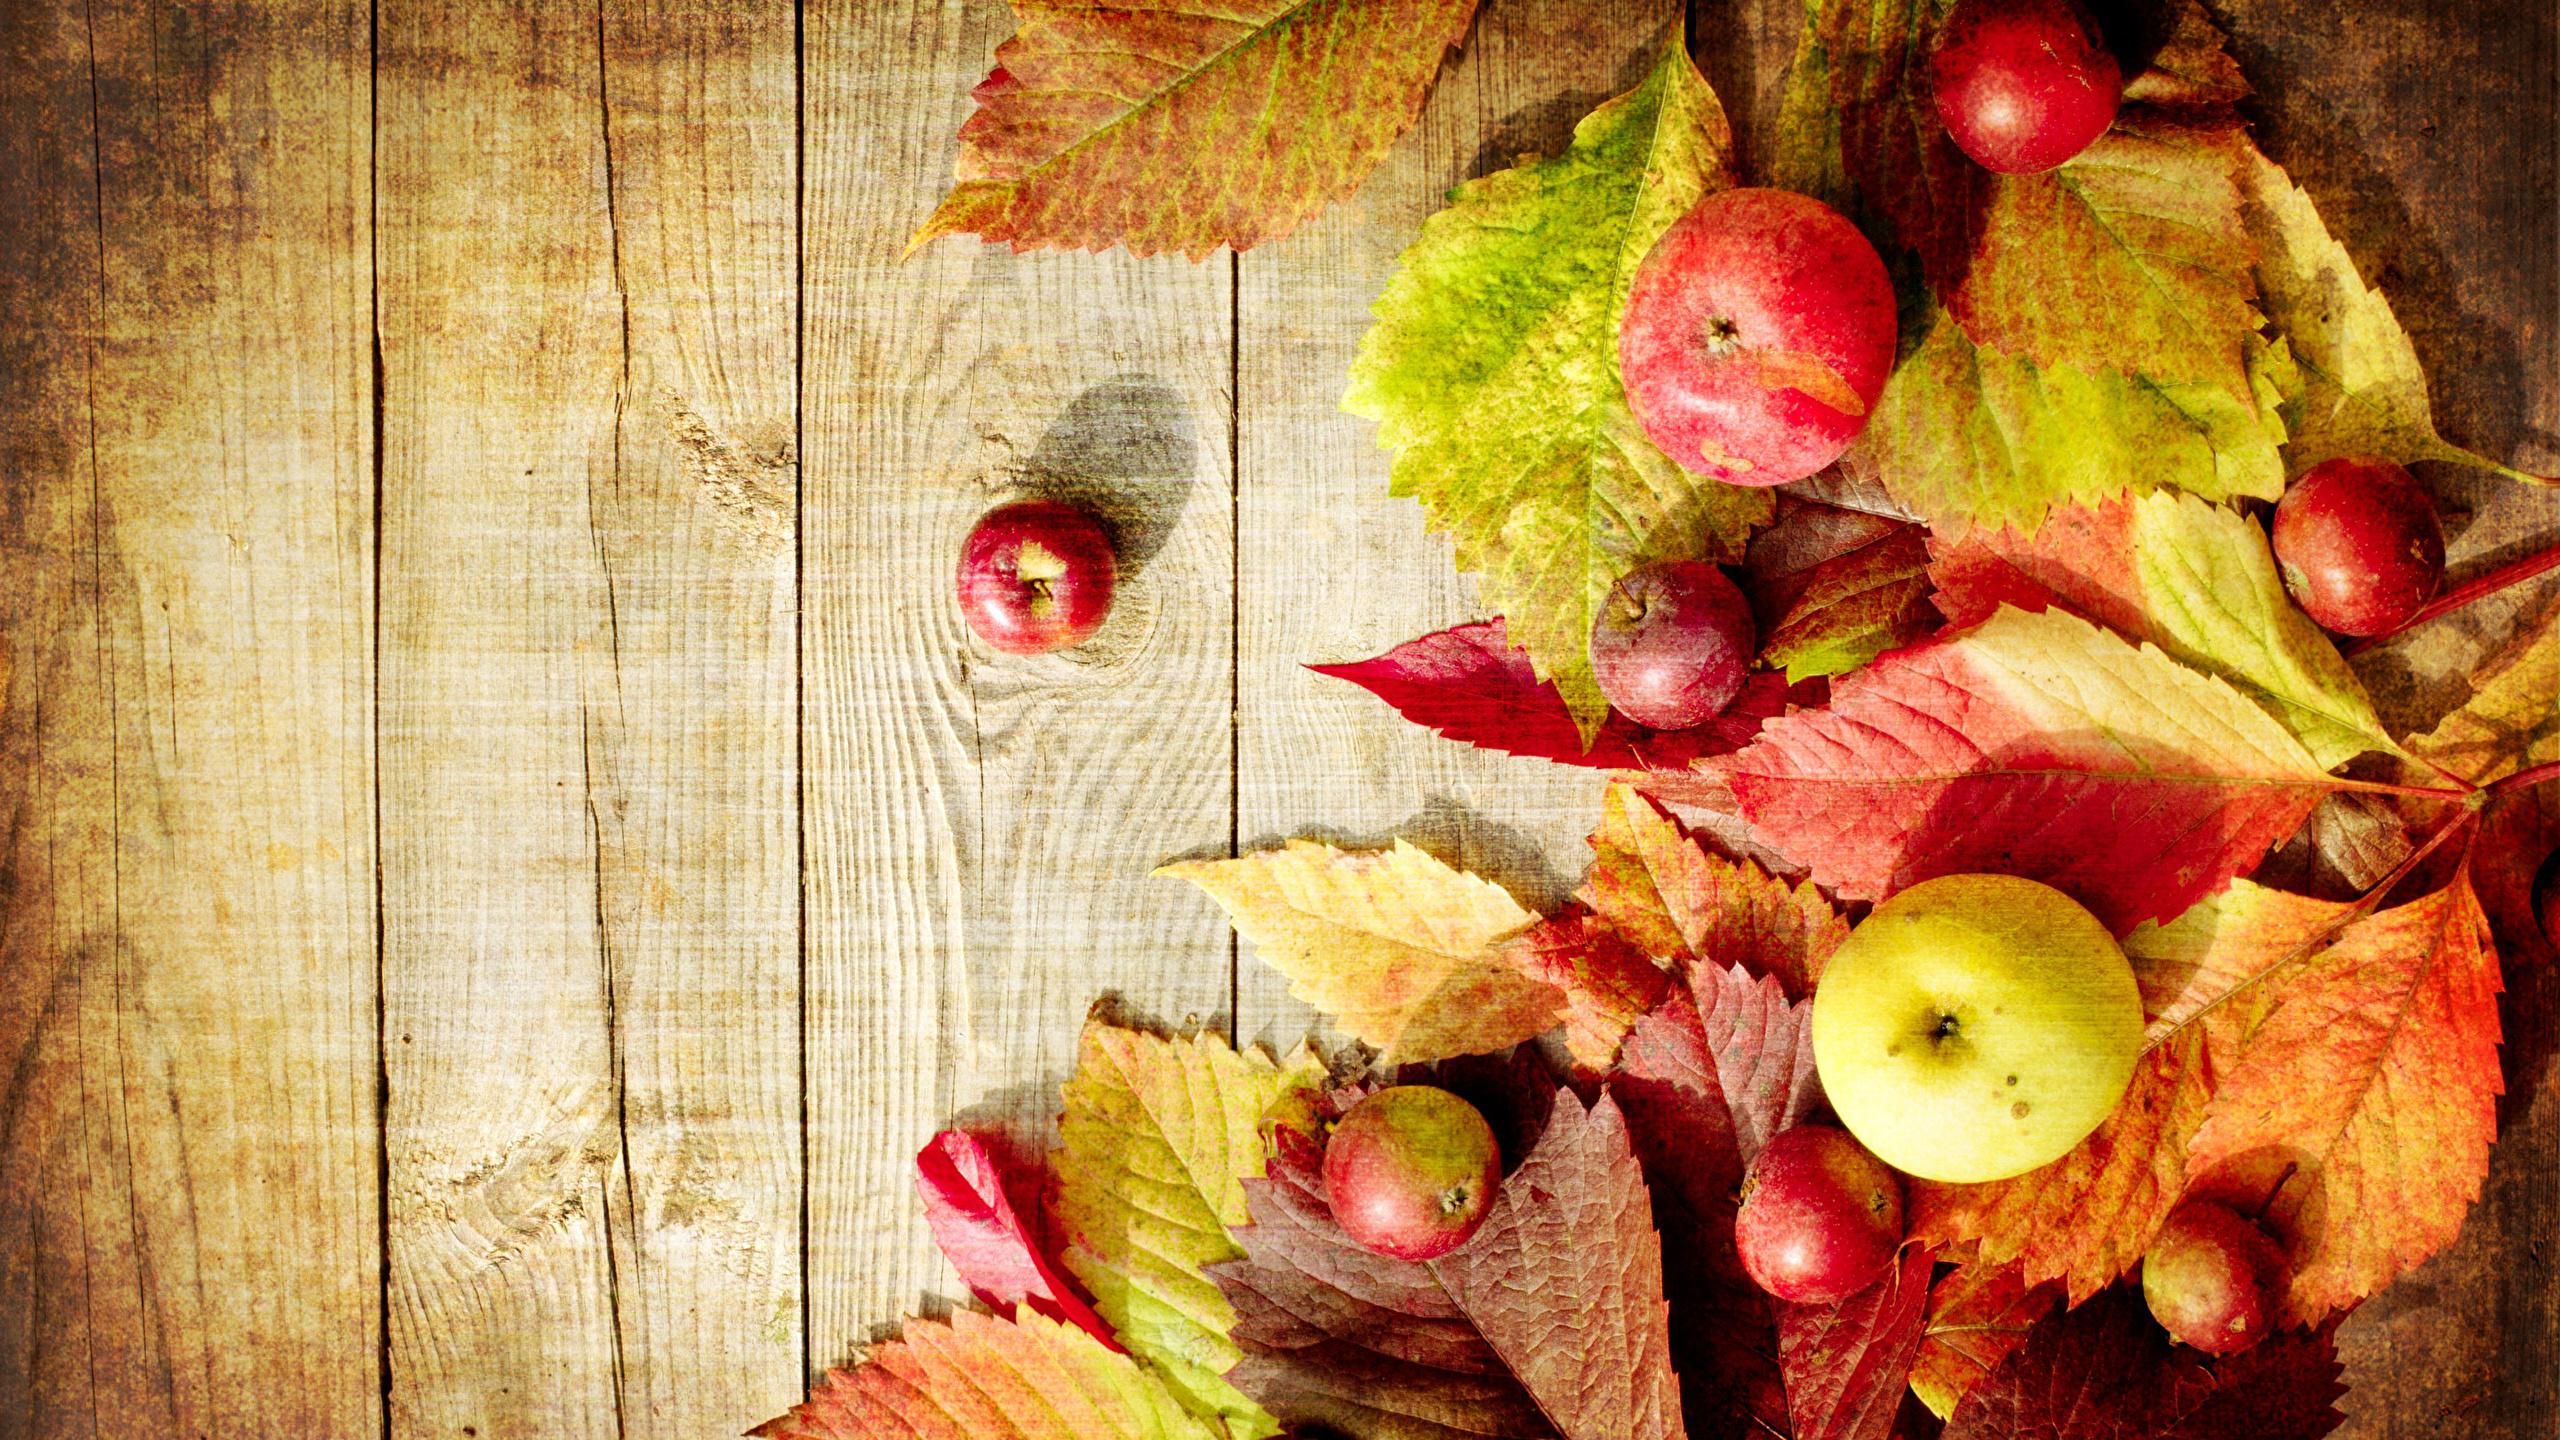 Картинки Листья Осень Яблоки Продукты питания Доски 2560x1440 лист Листва осенние Еда Пища